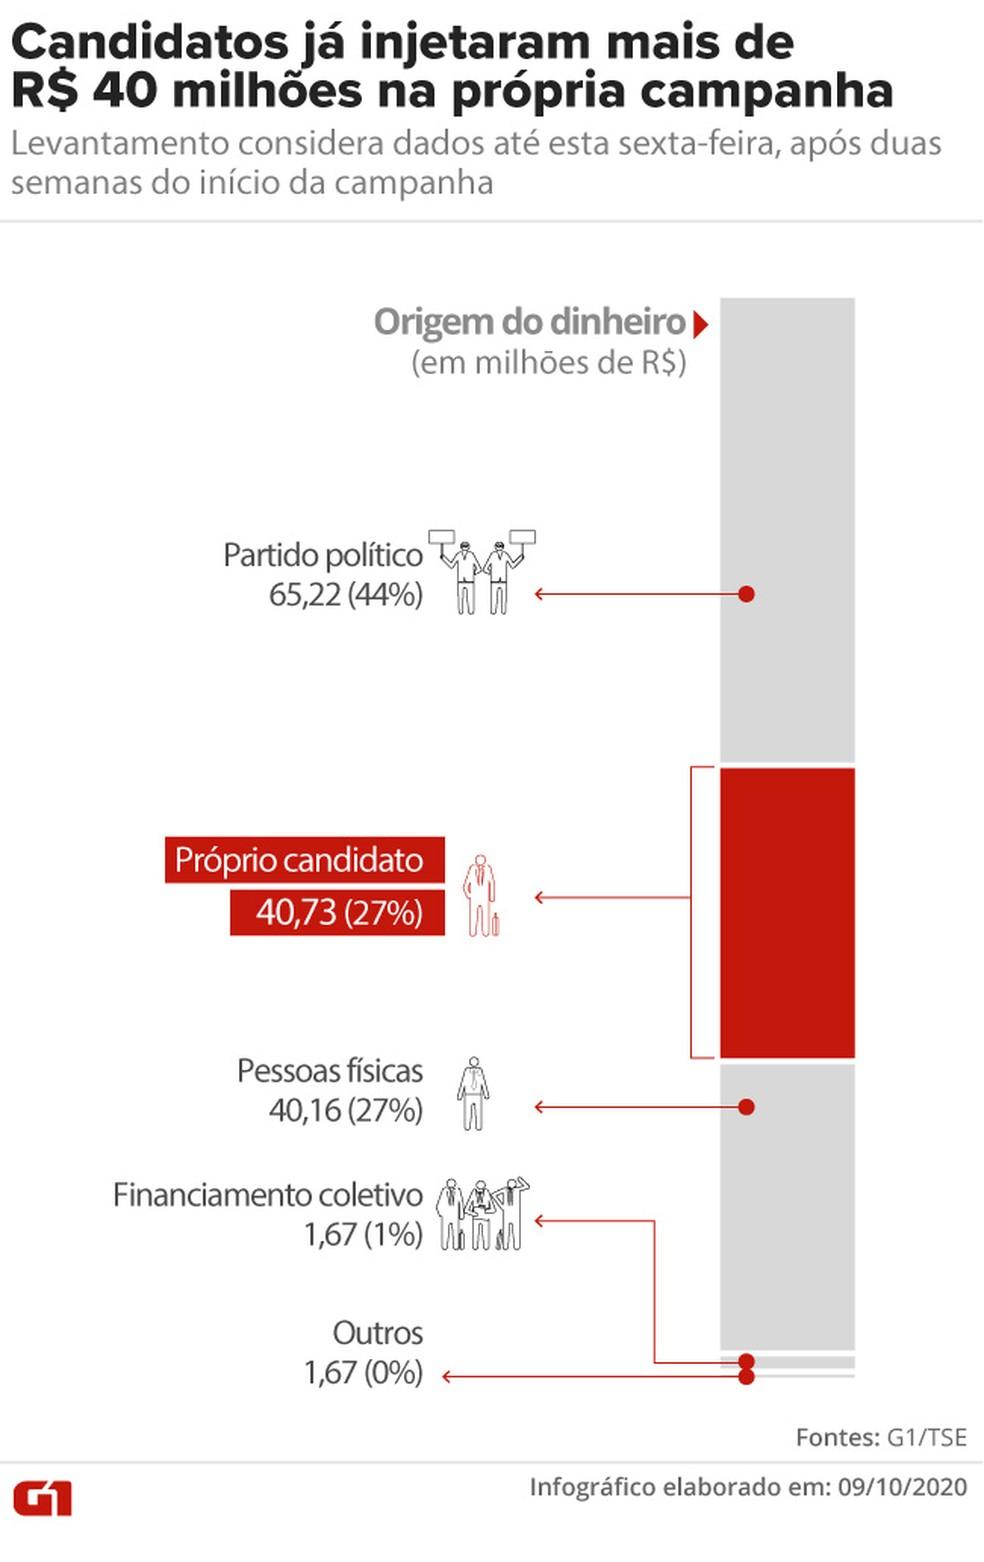 Candidatos já injetaram mais de R$ 40 milhões na própria campanha: levantamento considera dados até esta sexta-feira, após duas semanas do início da campanha — Foto: Aparecido Gonçalves / G1